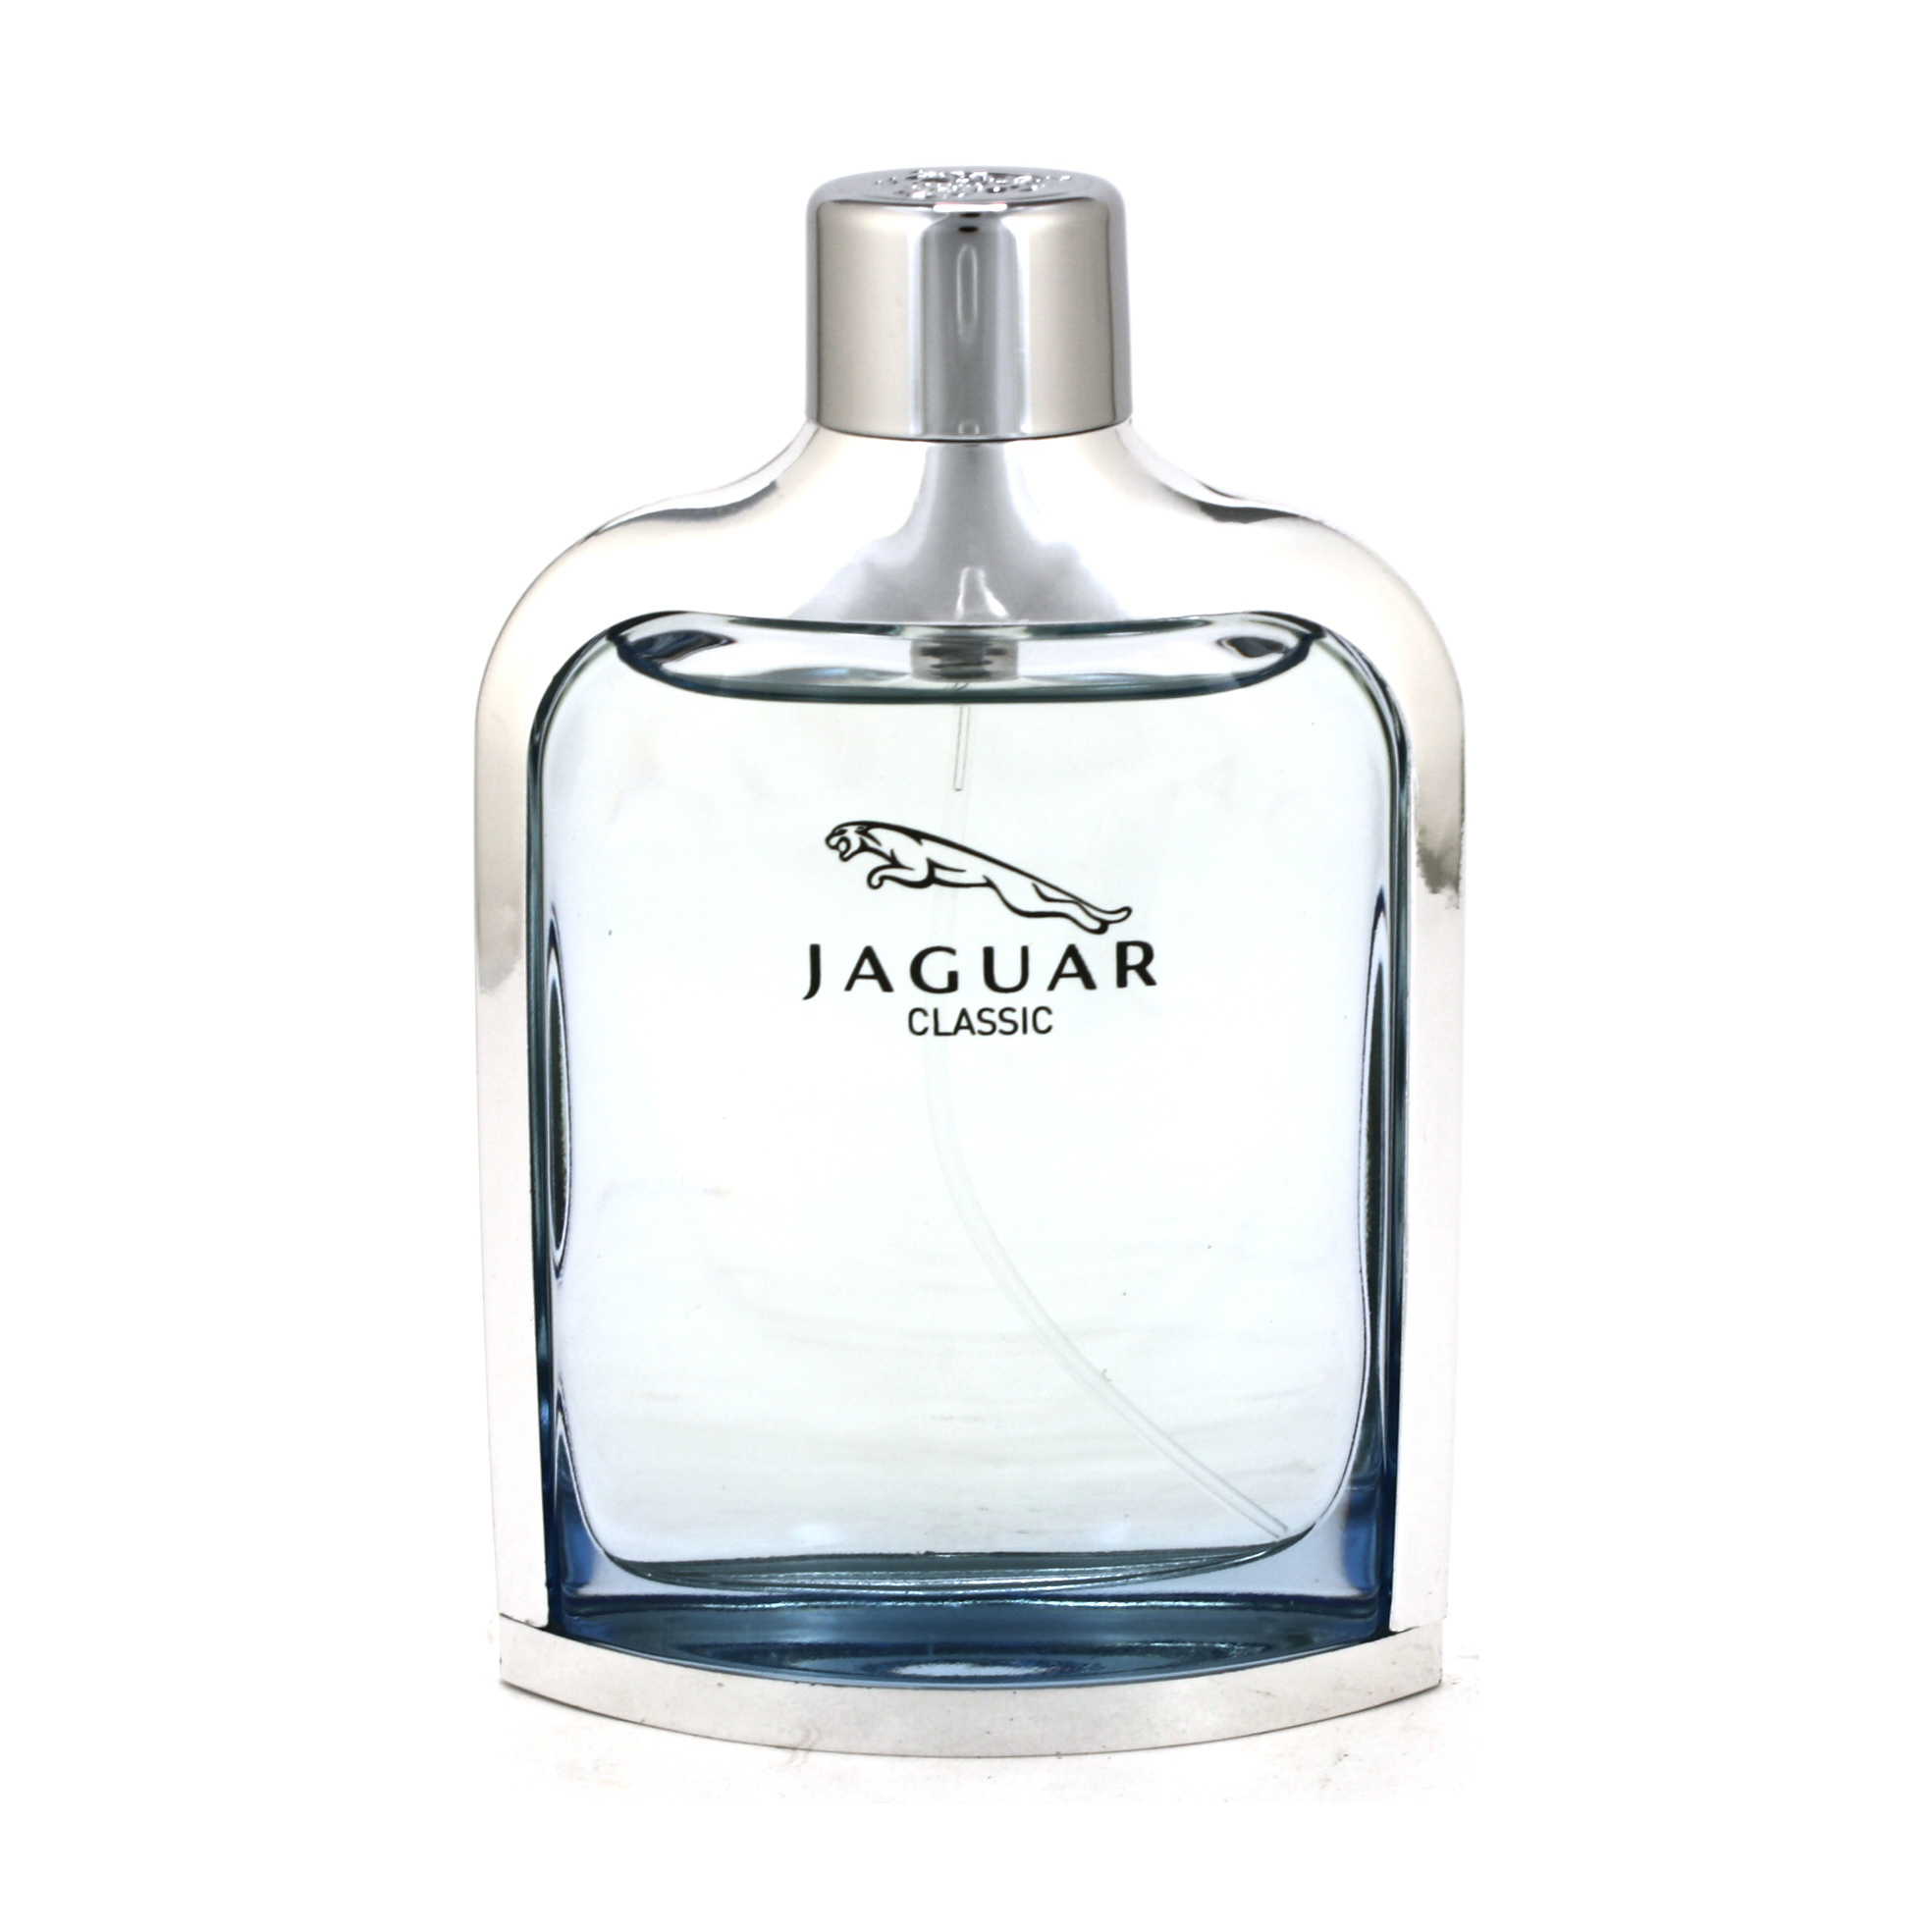 JAGUAR CLASSIC, 100 ML, א.ד.ט